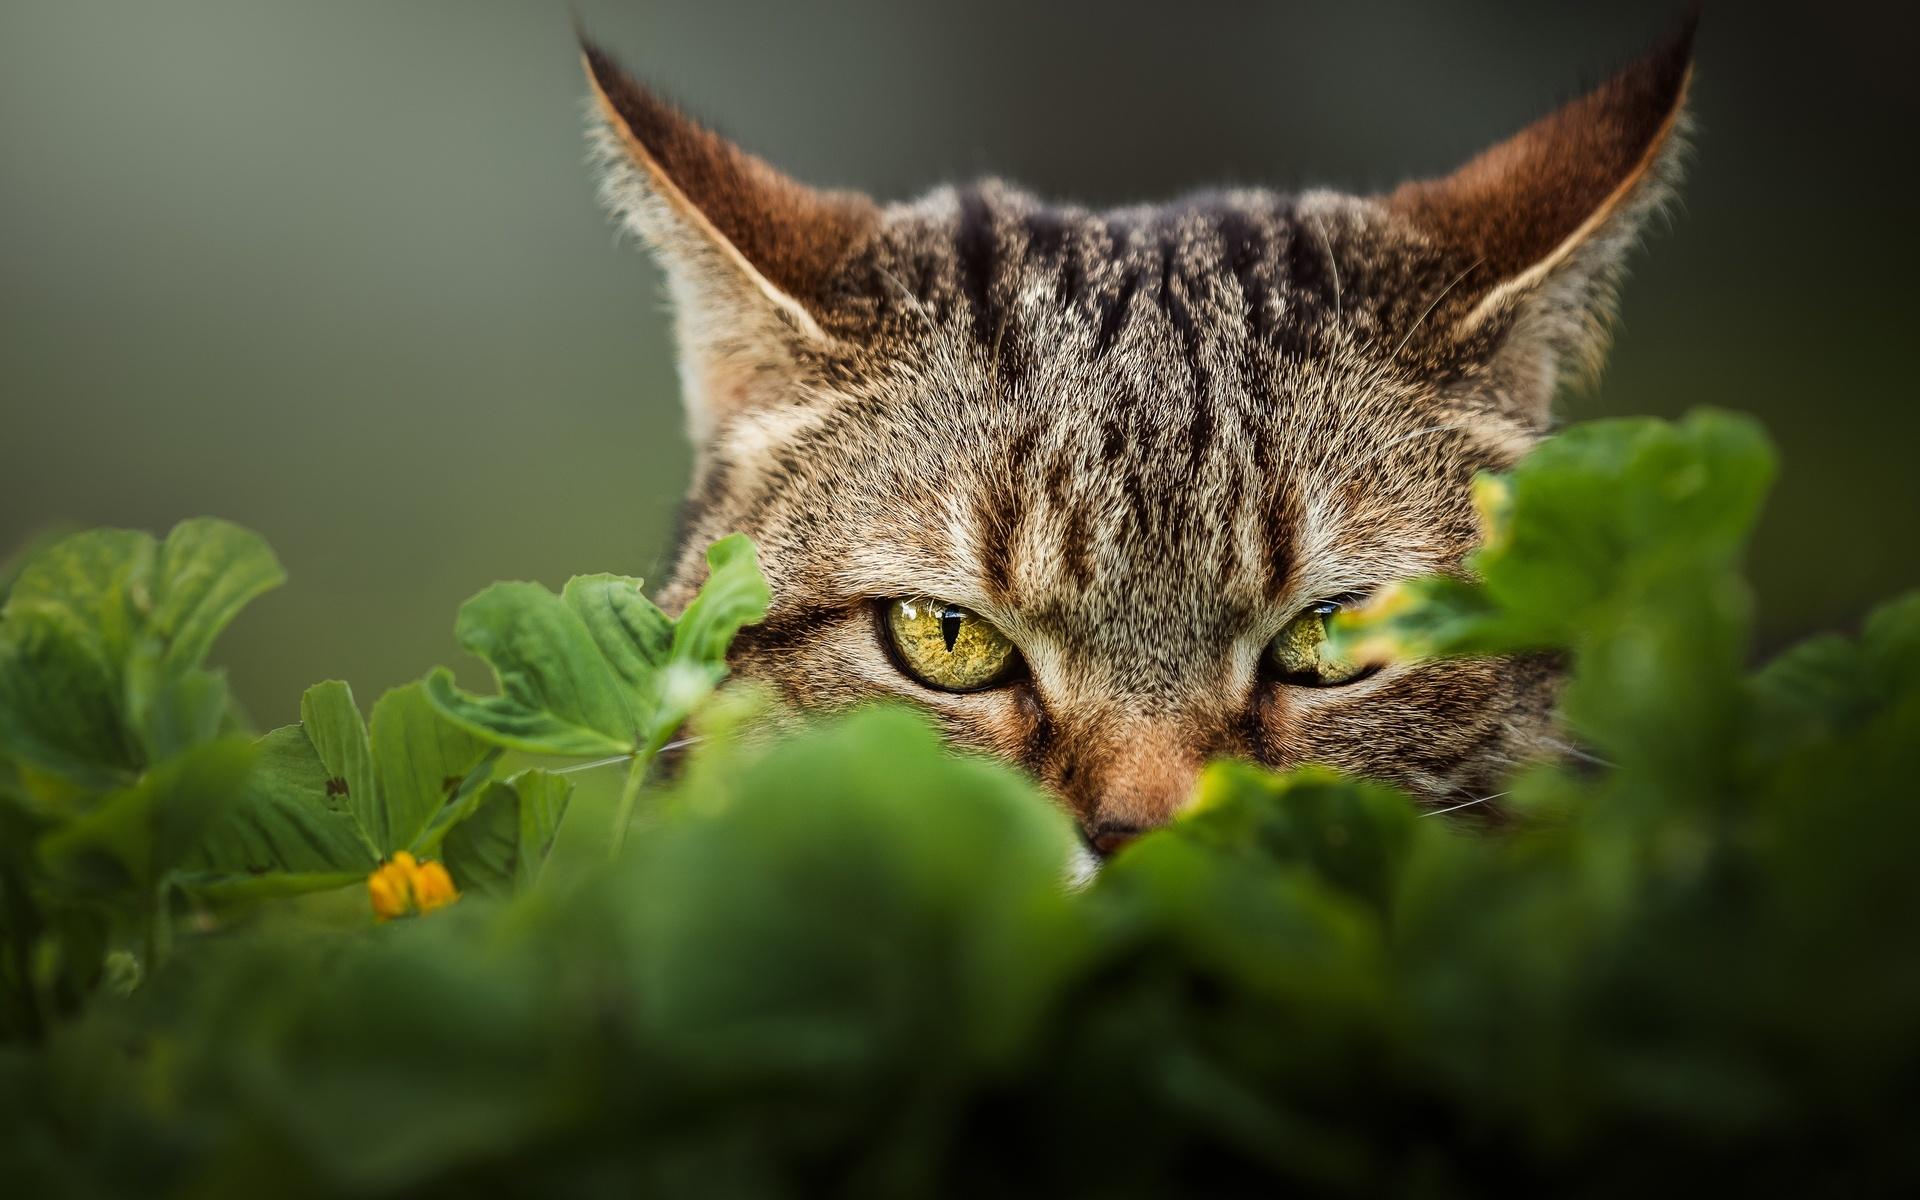 животное, кот, кошка, смотрит